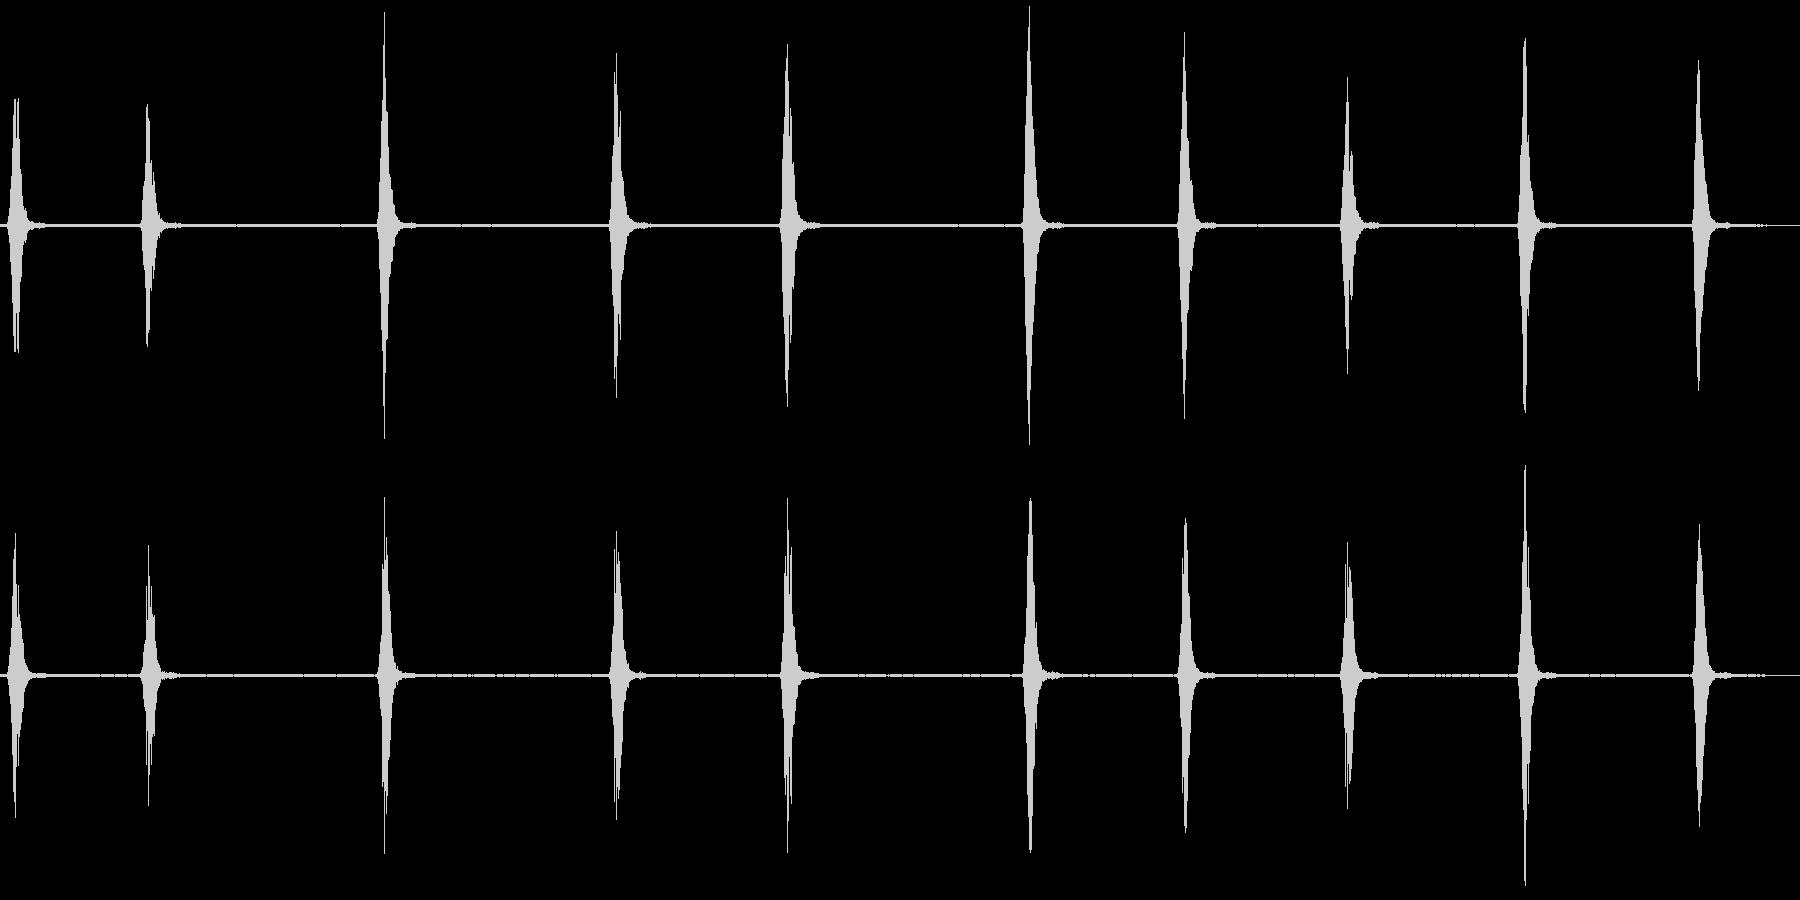 スズメの鳴き声1(チュンチュン)の未再生の波形